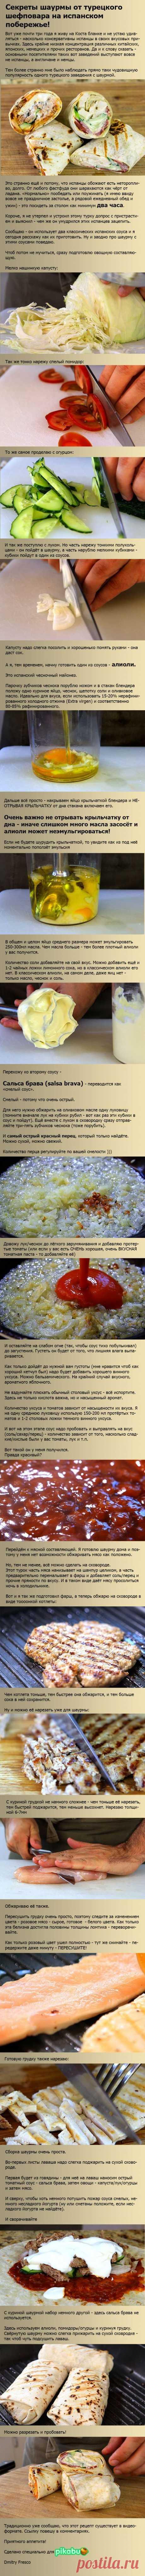 Что могут знать испанцы о настоящей шаурме? рецепт, вкусняшки, еда, COOLинарная PROпаганда, длиннопост, шаурма, шаурмы   Питание